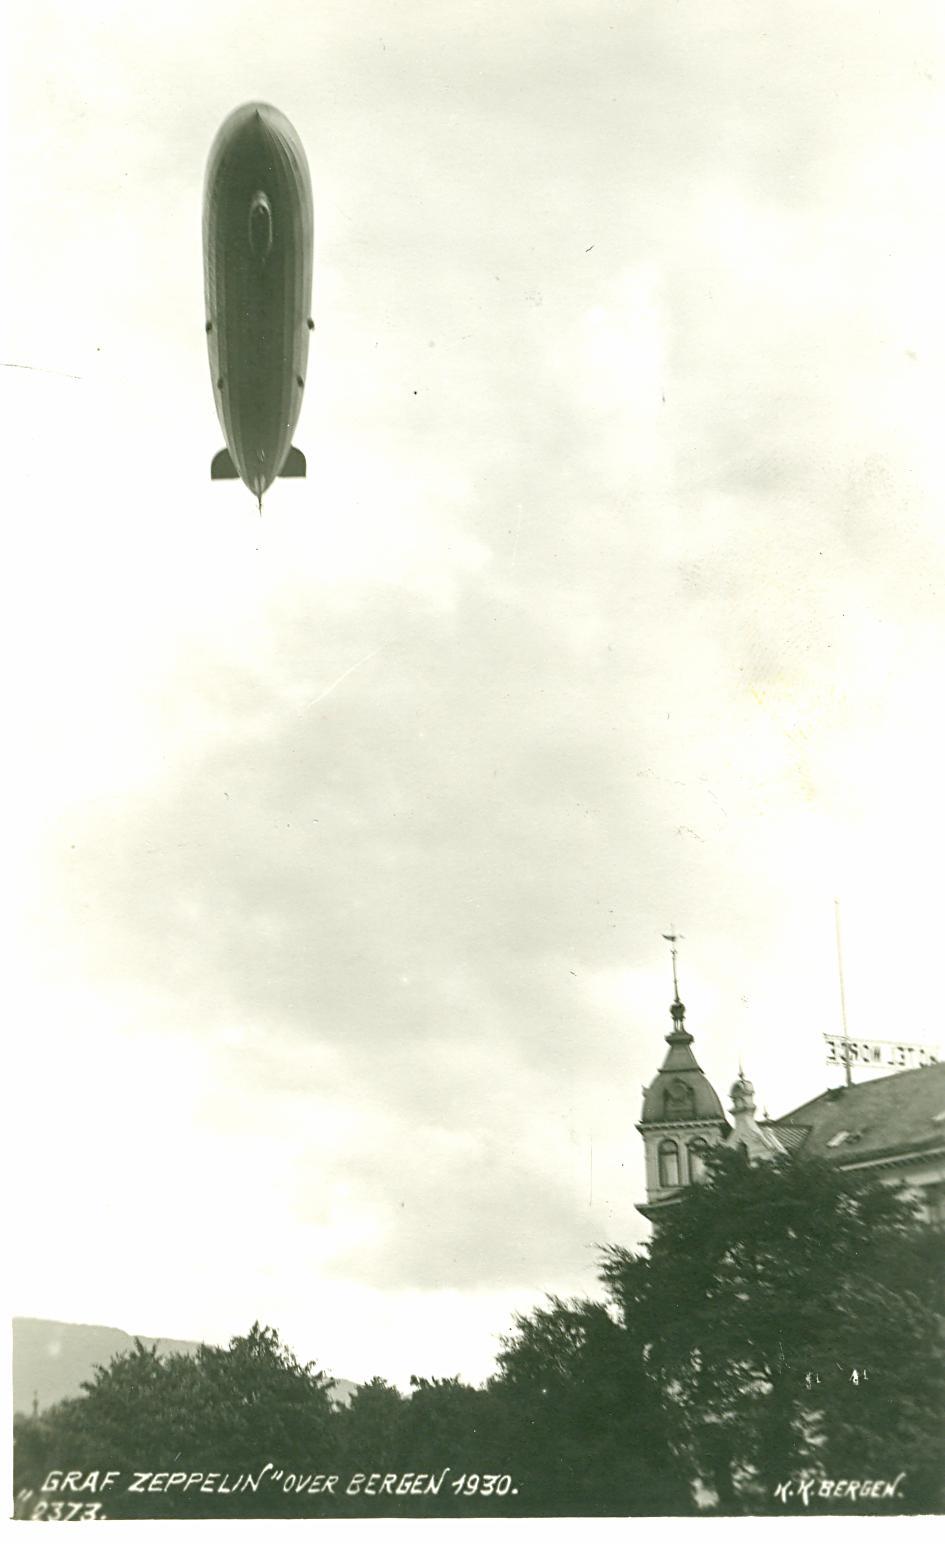 Graf Zeppelin over Bergen